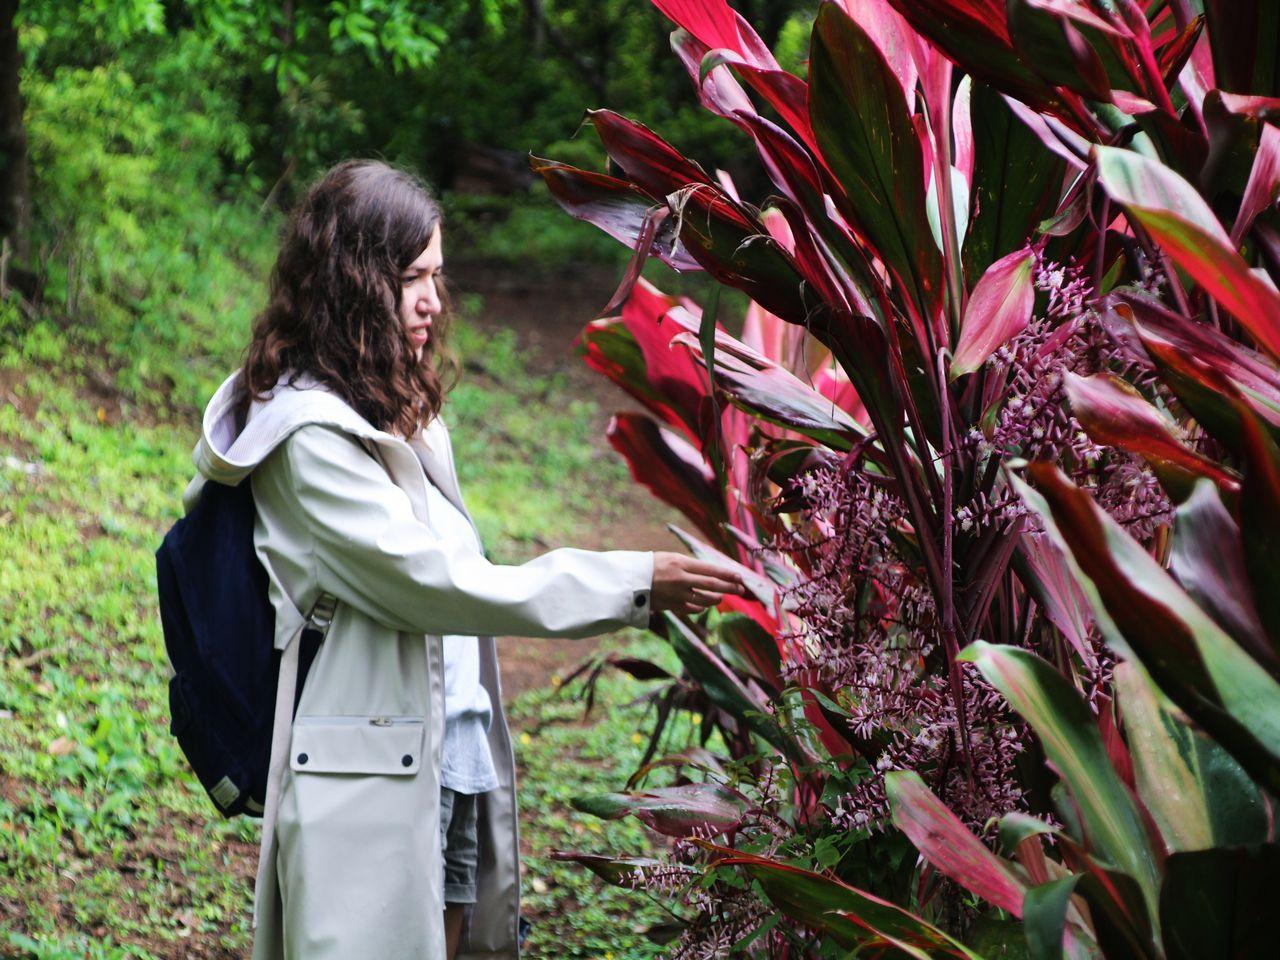 Paseo por el bosque en Monteverde, Costa Rica.